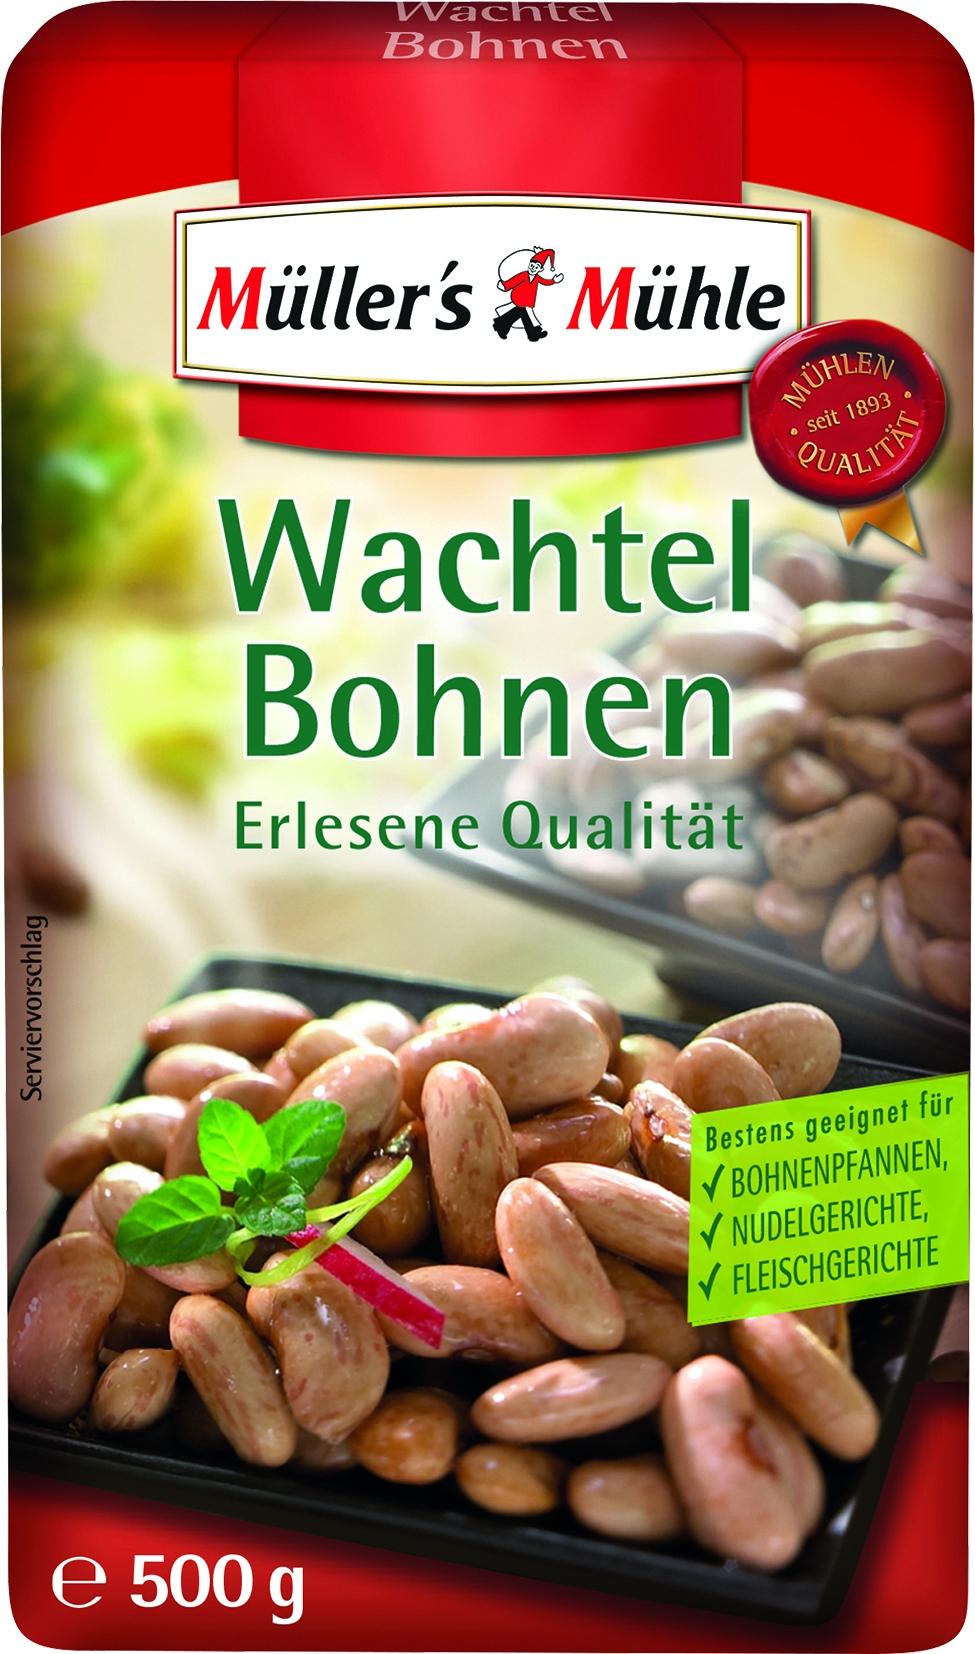 Wachtel Bohnen